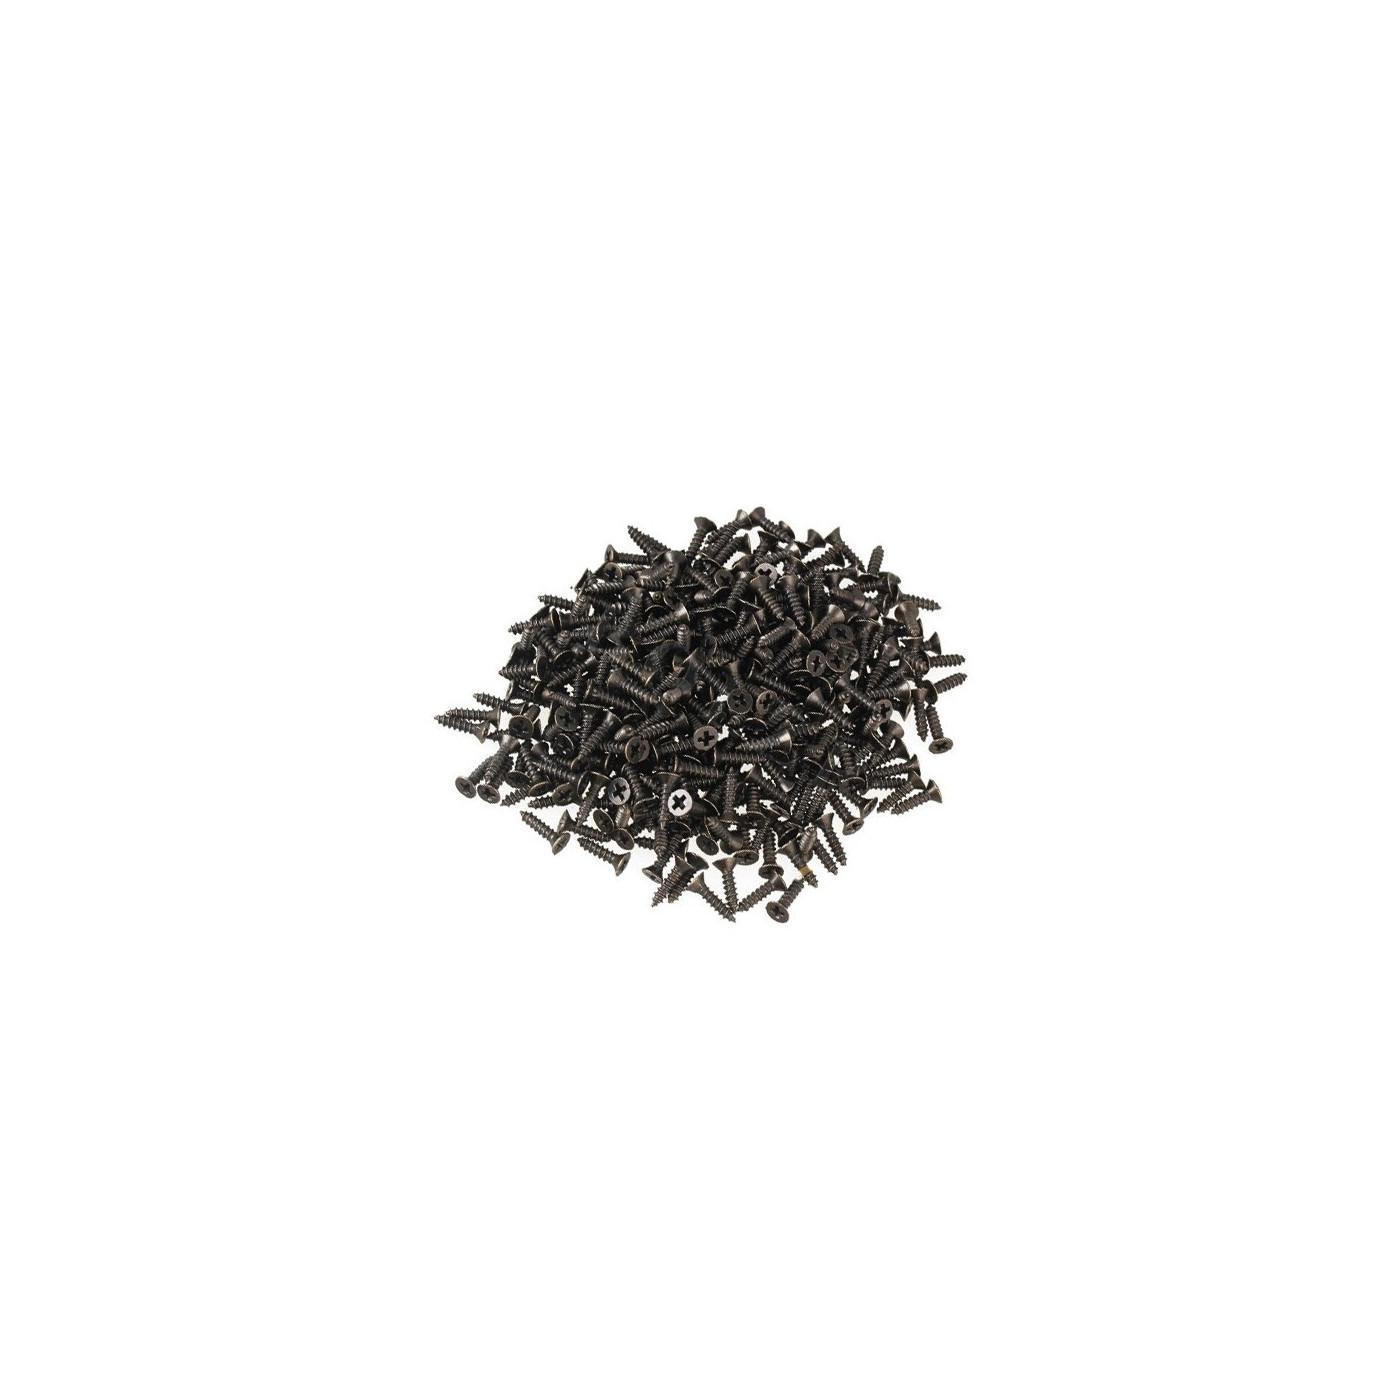 Set von 300 kleinen Schrauben (3,0x12 mm, versenkt, bronzefarben)  - 1